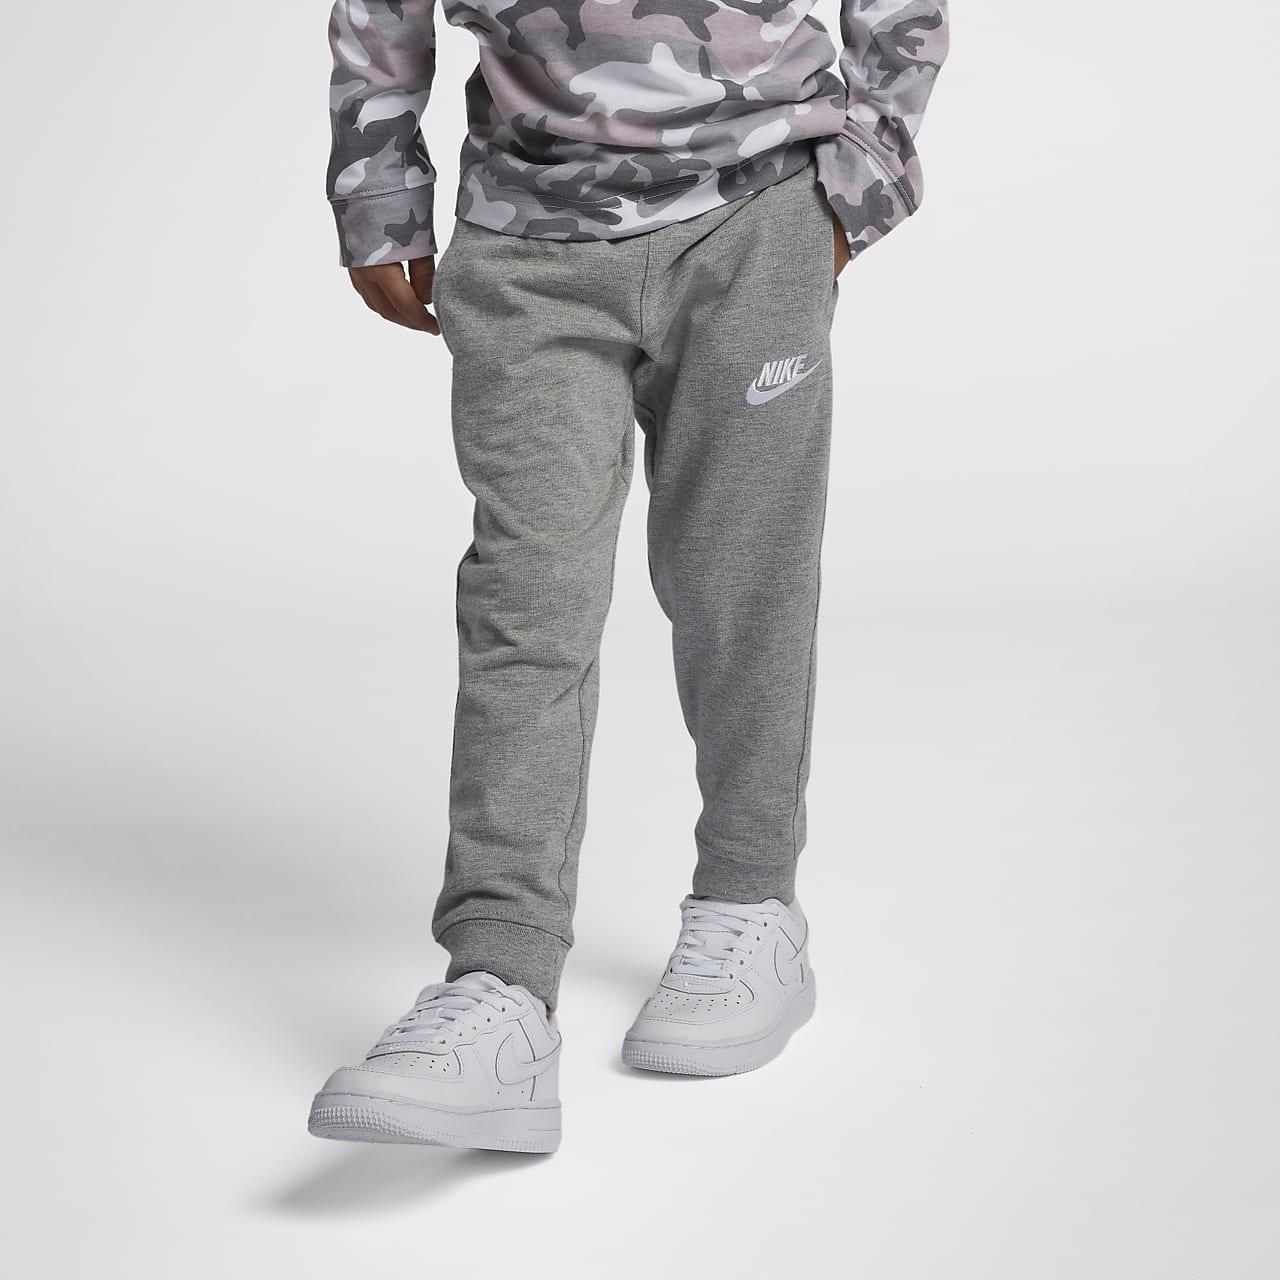 Nike Sportswear Little Kids' Jersey Joggers